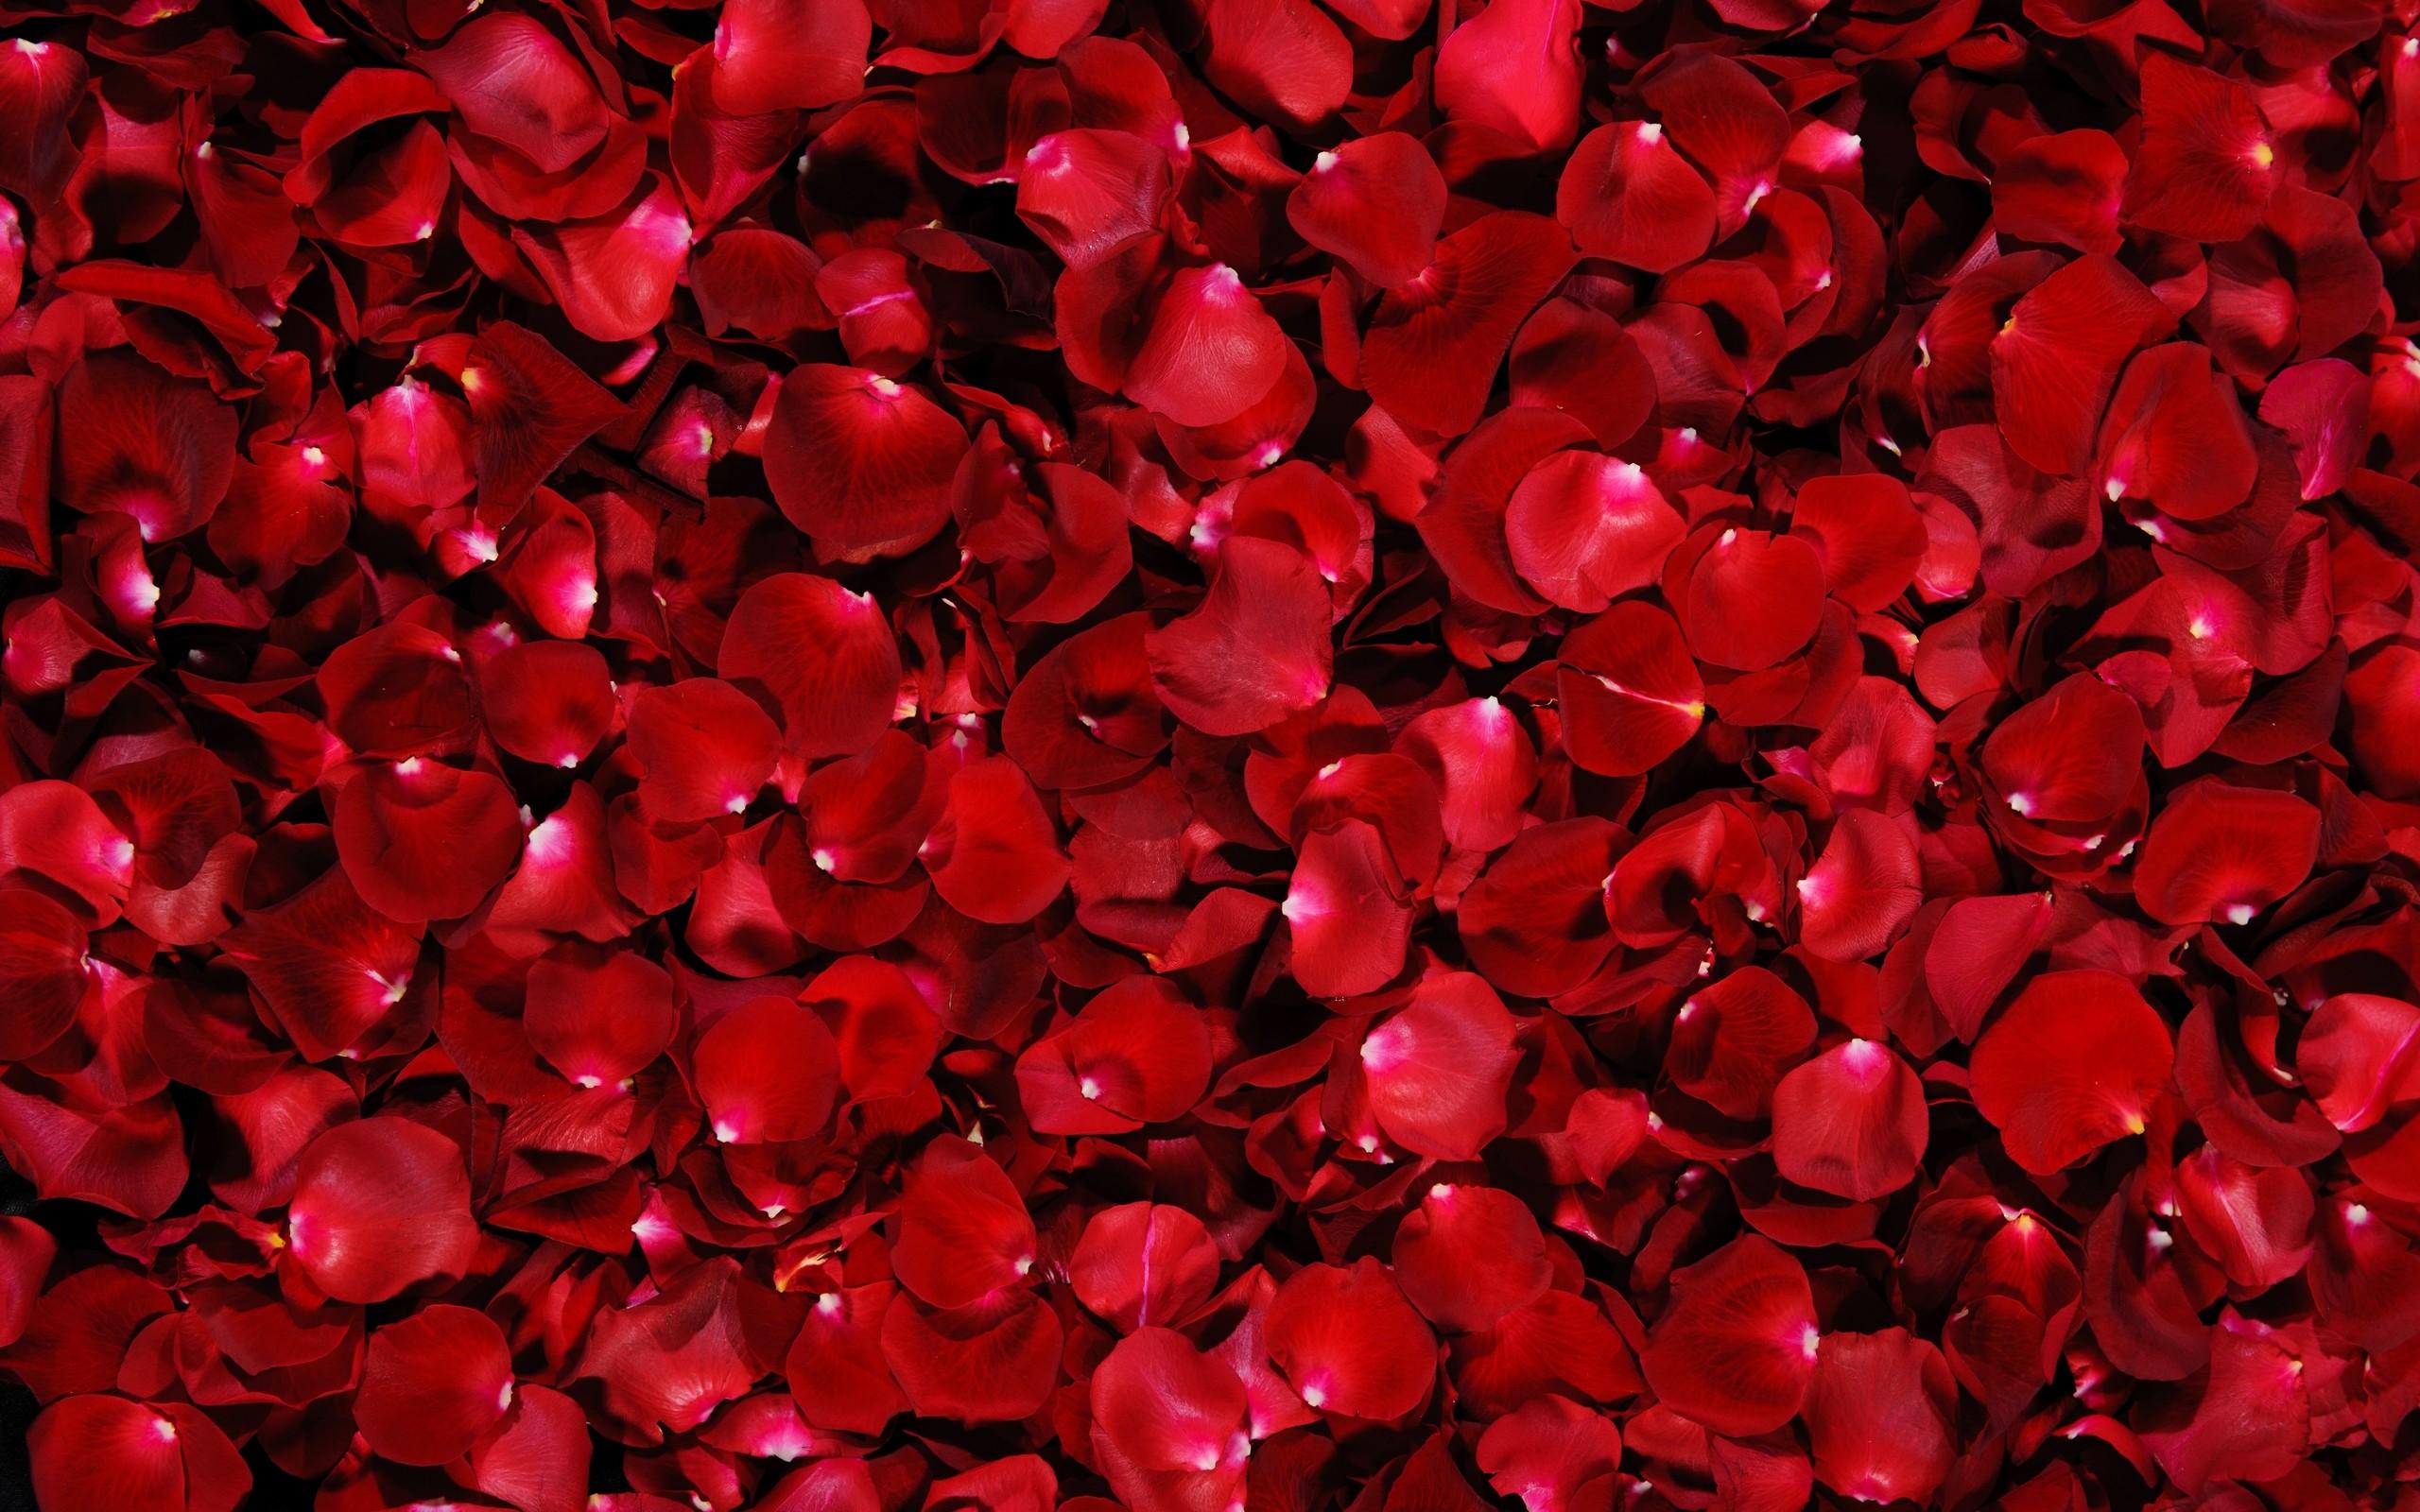 rose petals 25894